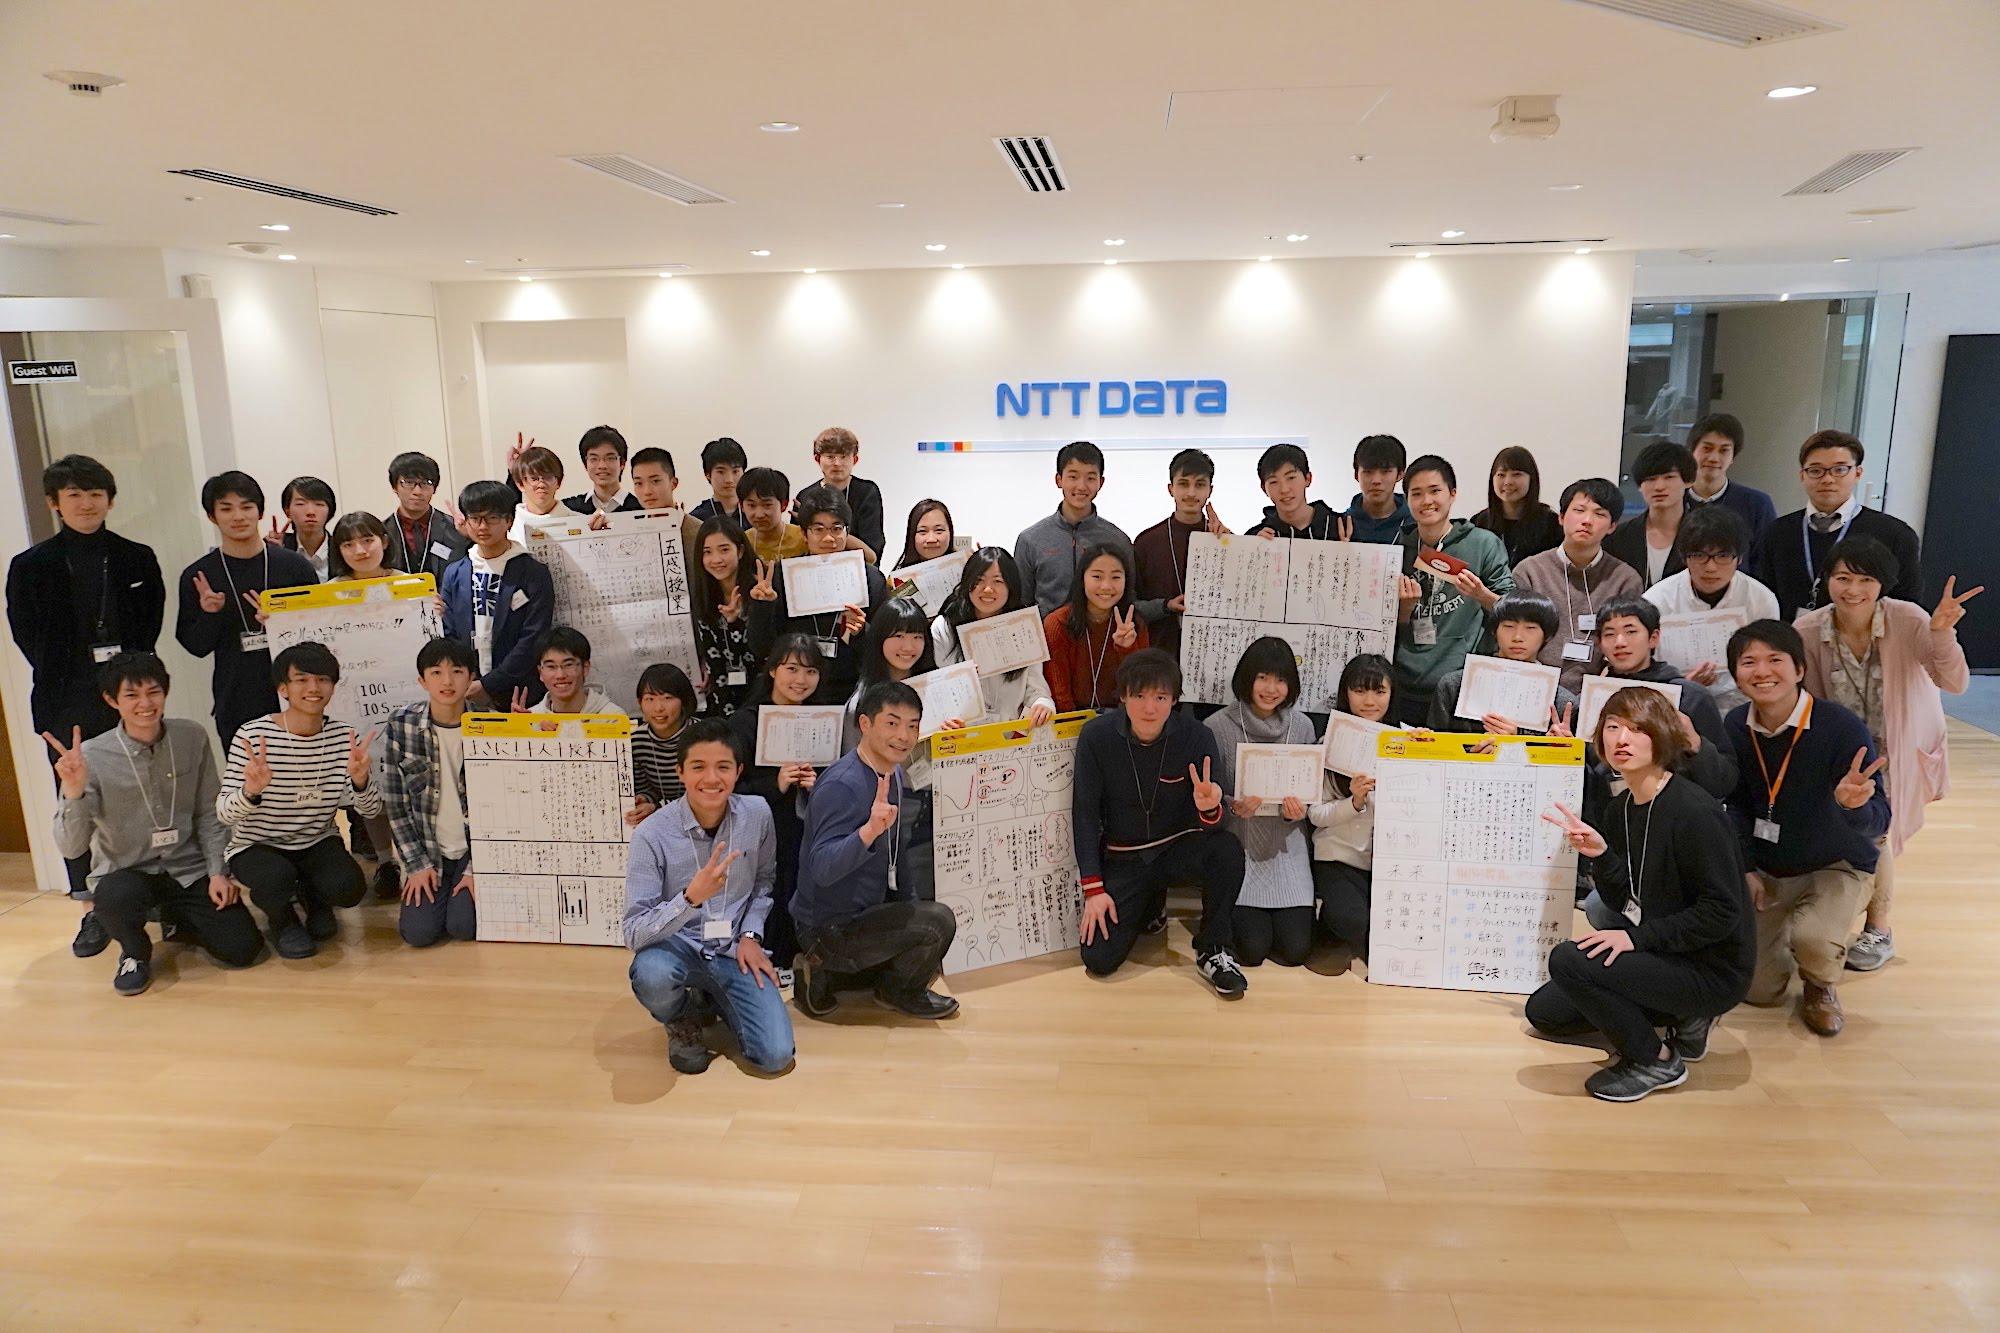 「ITで学校教育に変革を」NTTデータ×ProgressTime高校生アイデアソンを実施しました!